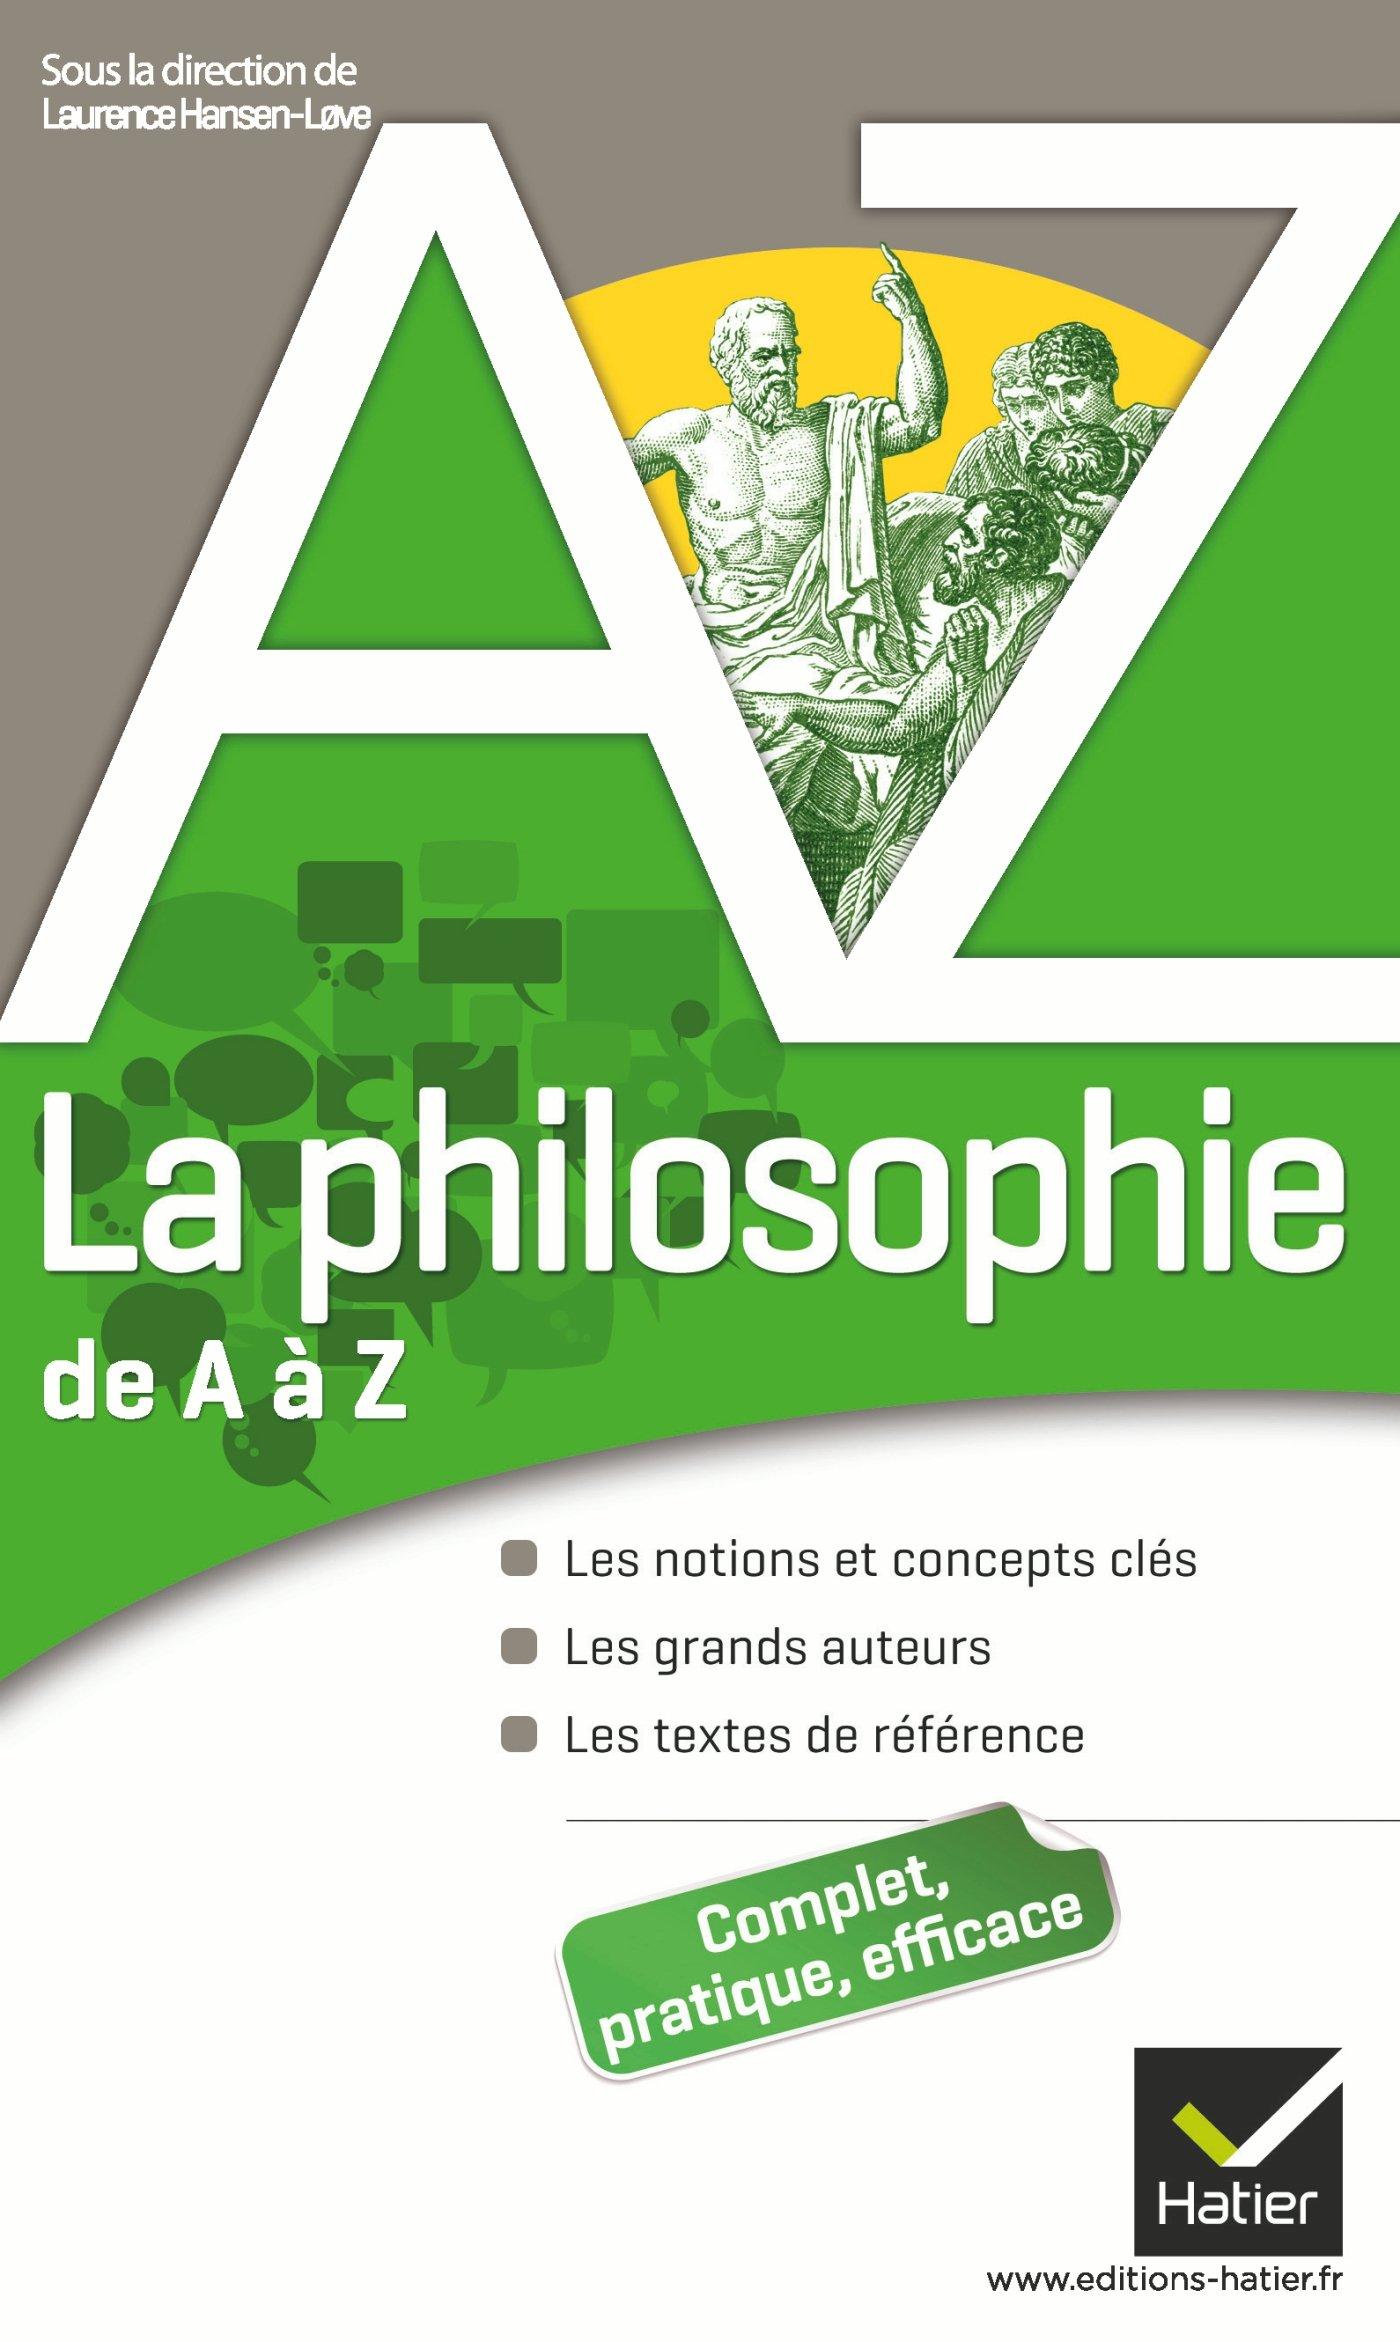 La philosophie de A à Z: Auteurs, oeuvres et notions philosophiques Broché – 22 juin 2011 Pierre Kahn Laurence Hansen-Love Elisabeth Clément Chantal Demonque